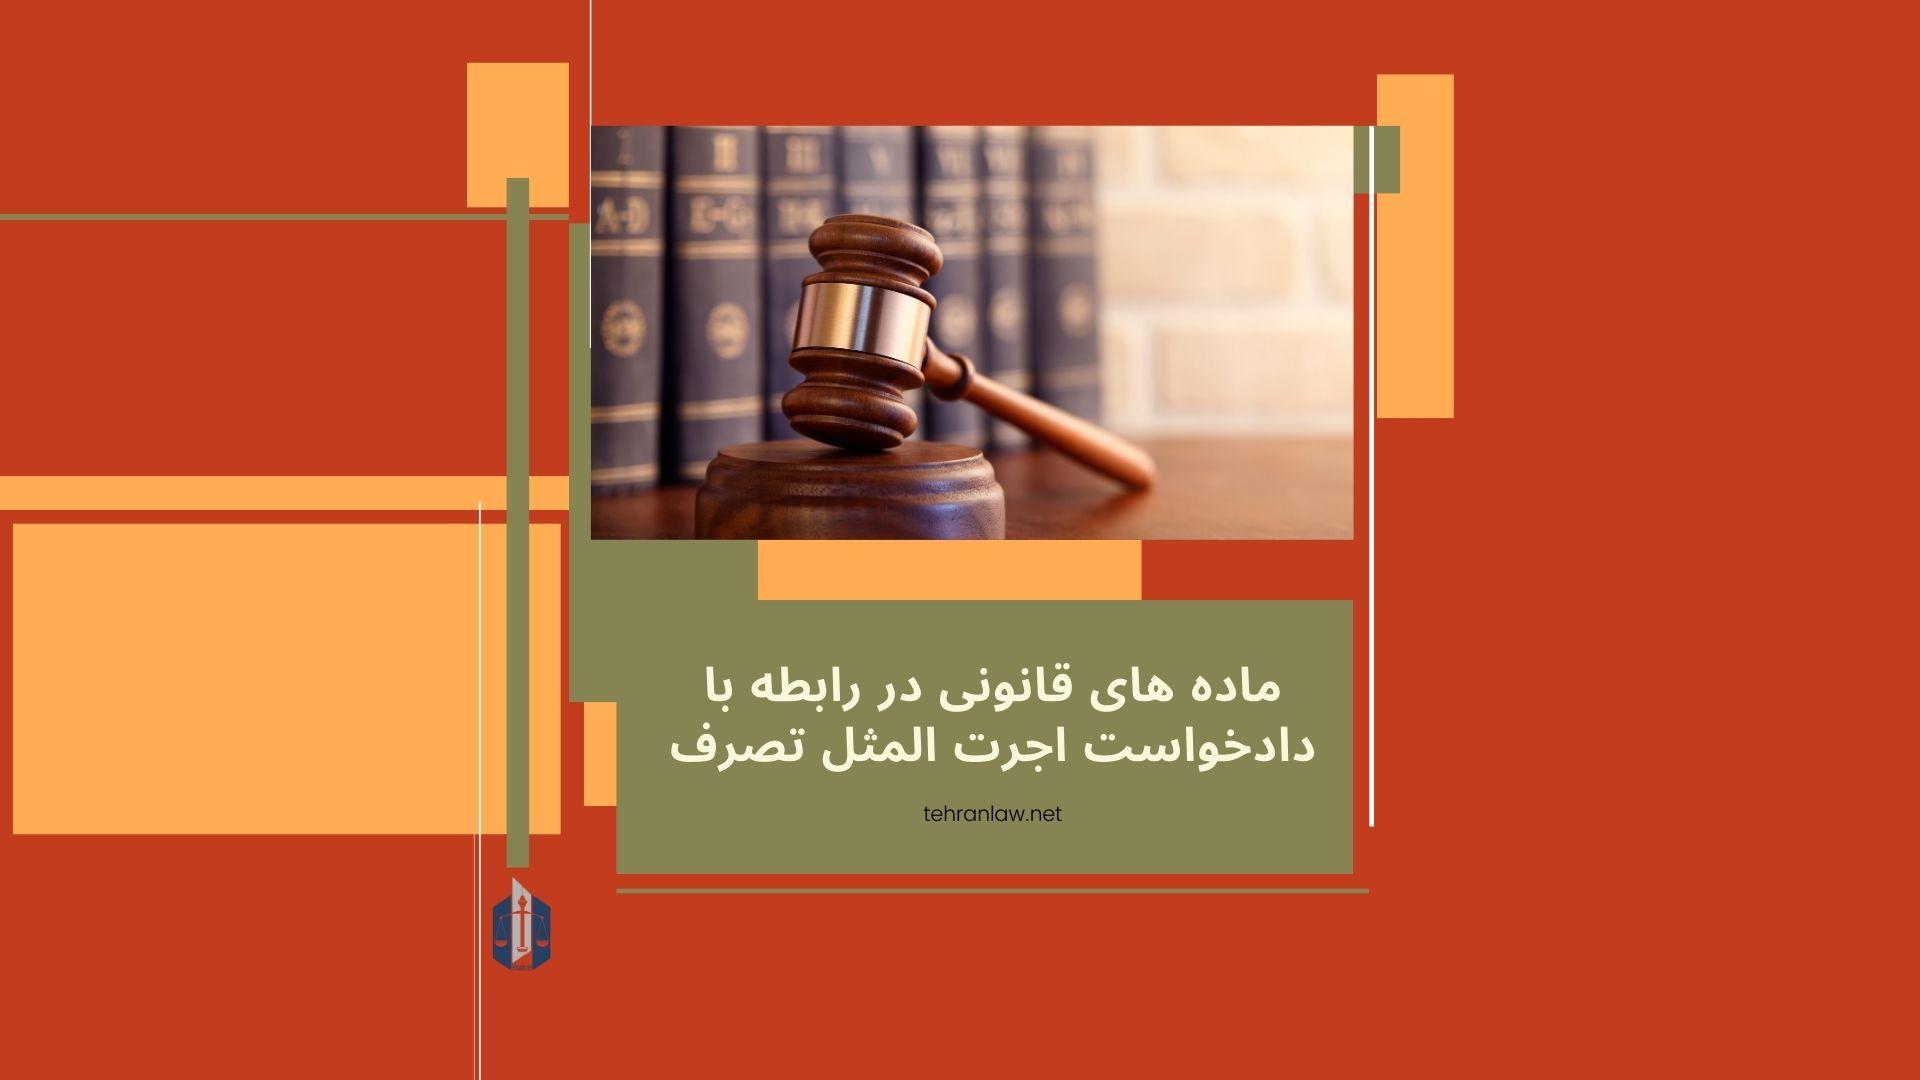 ماده های قانونی در رابطه با دادخواست اجرت المثل تصرف